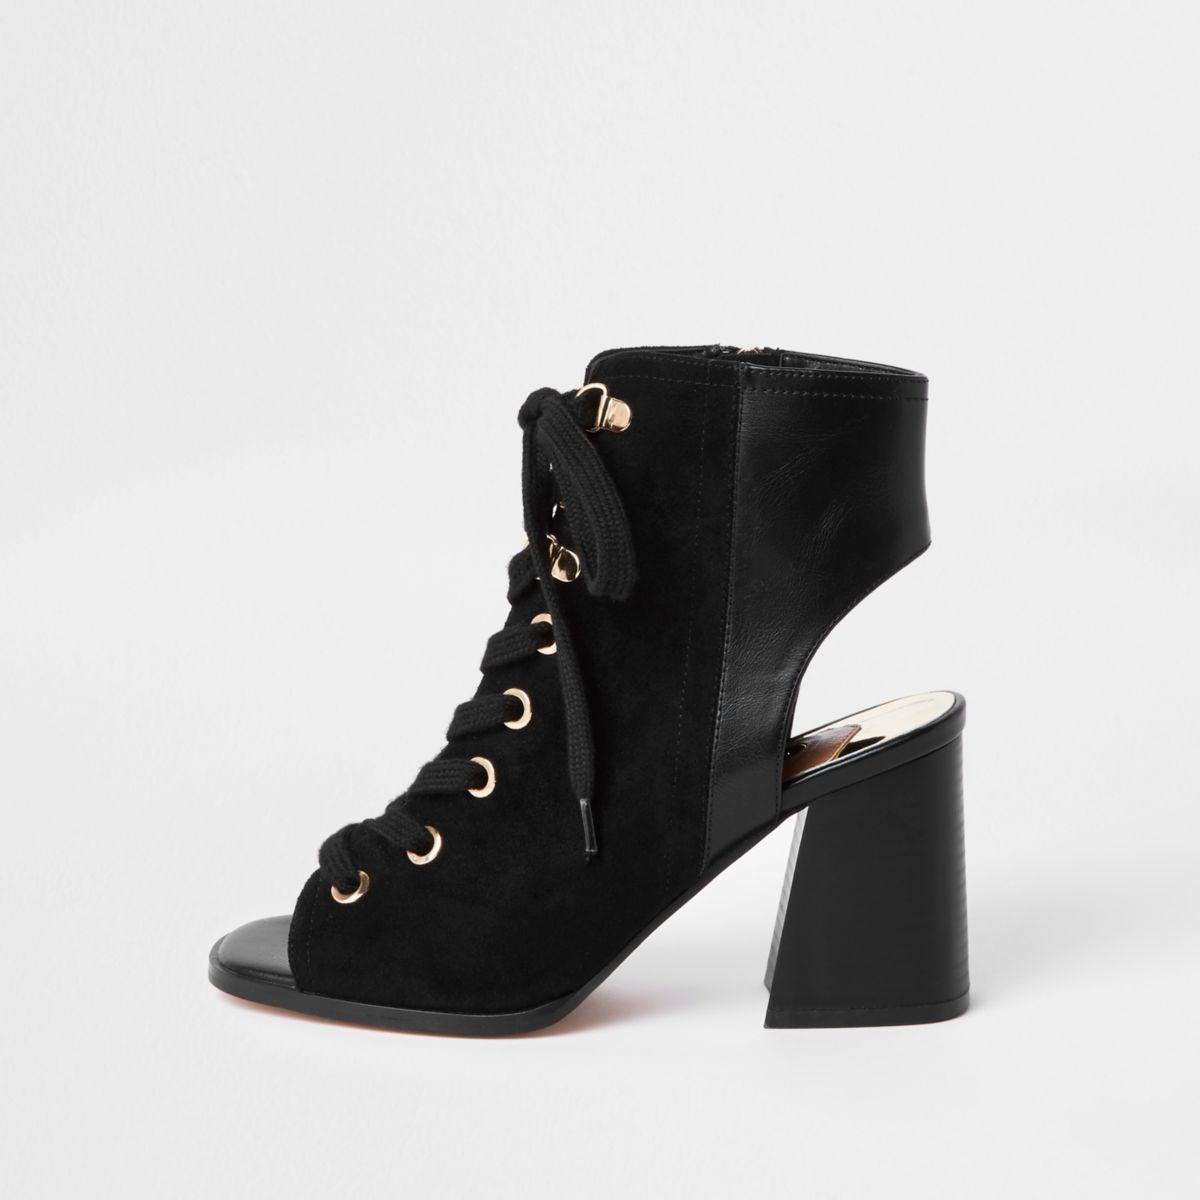 Black lace-up shoe boots